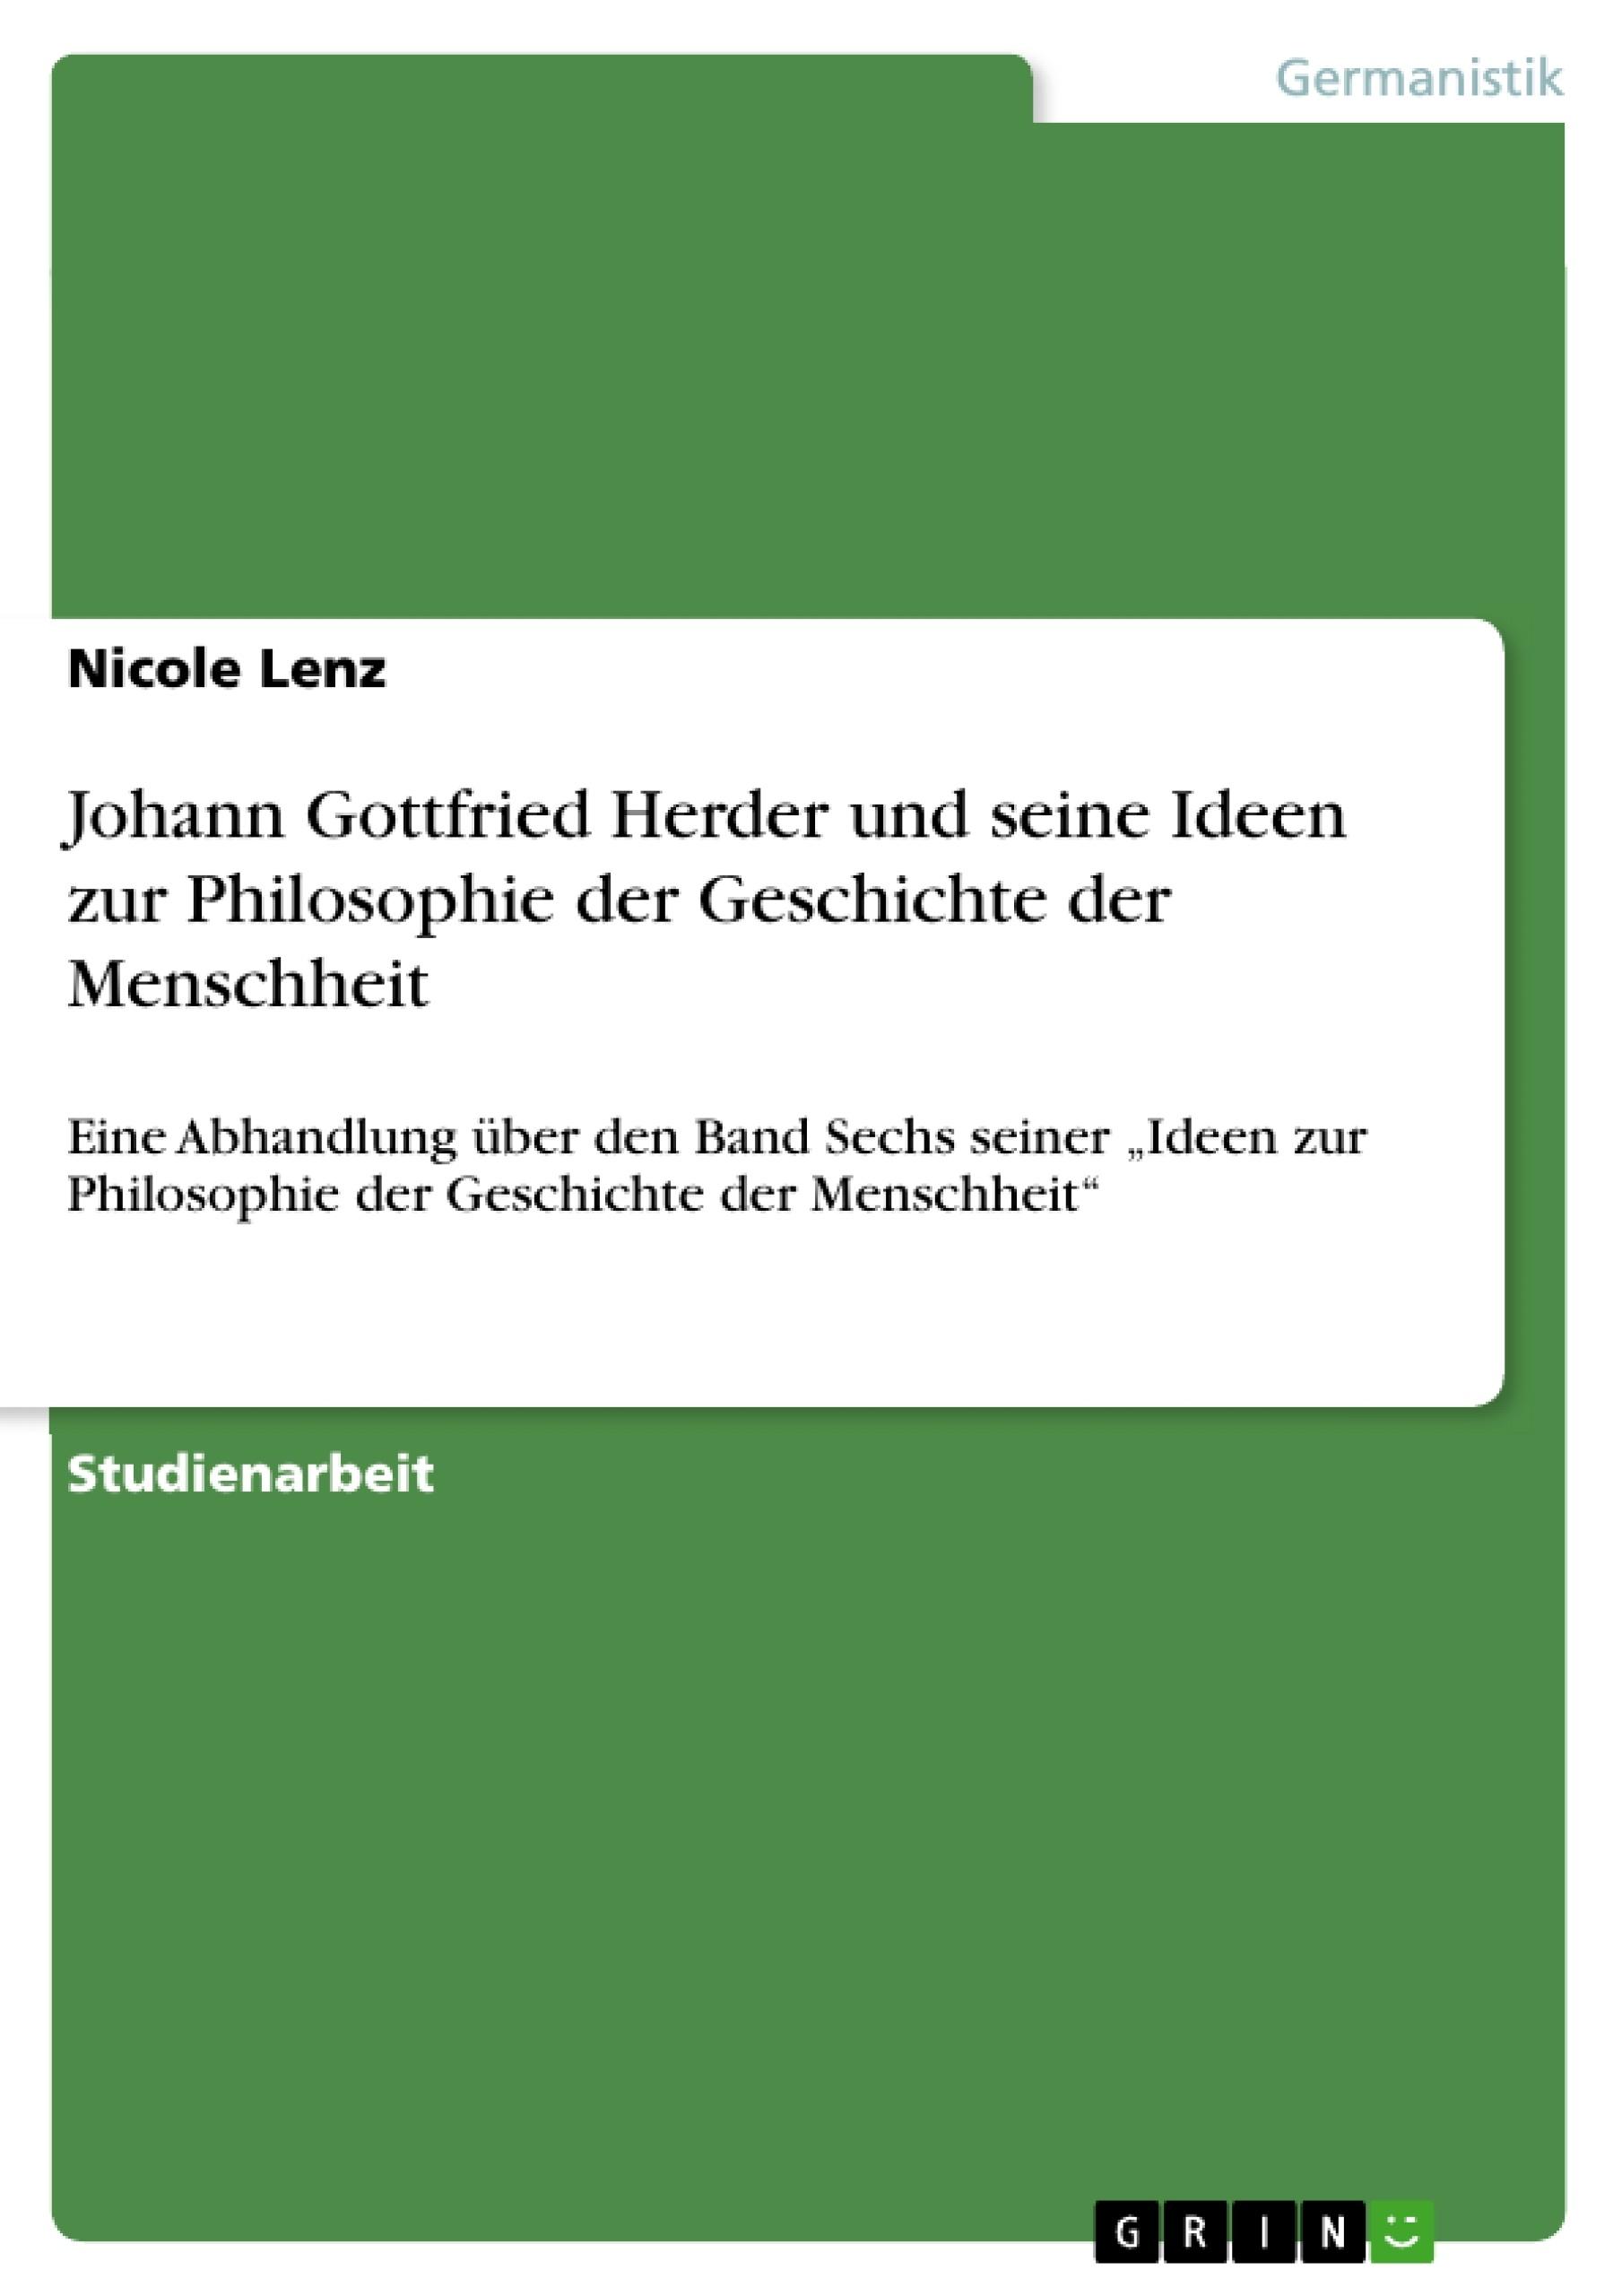 Titel: Johann Gottfried Herder und seine Ideen zur Philosophie der Geschichte der Menschheit